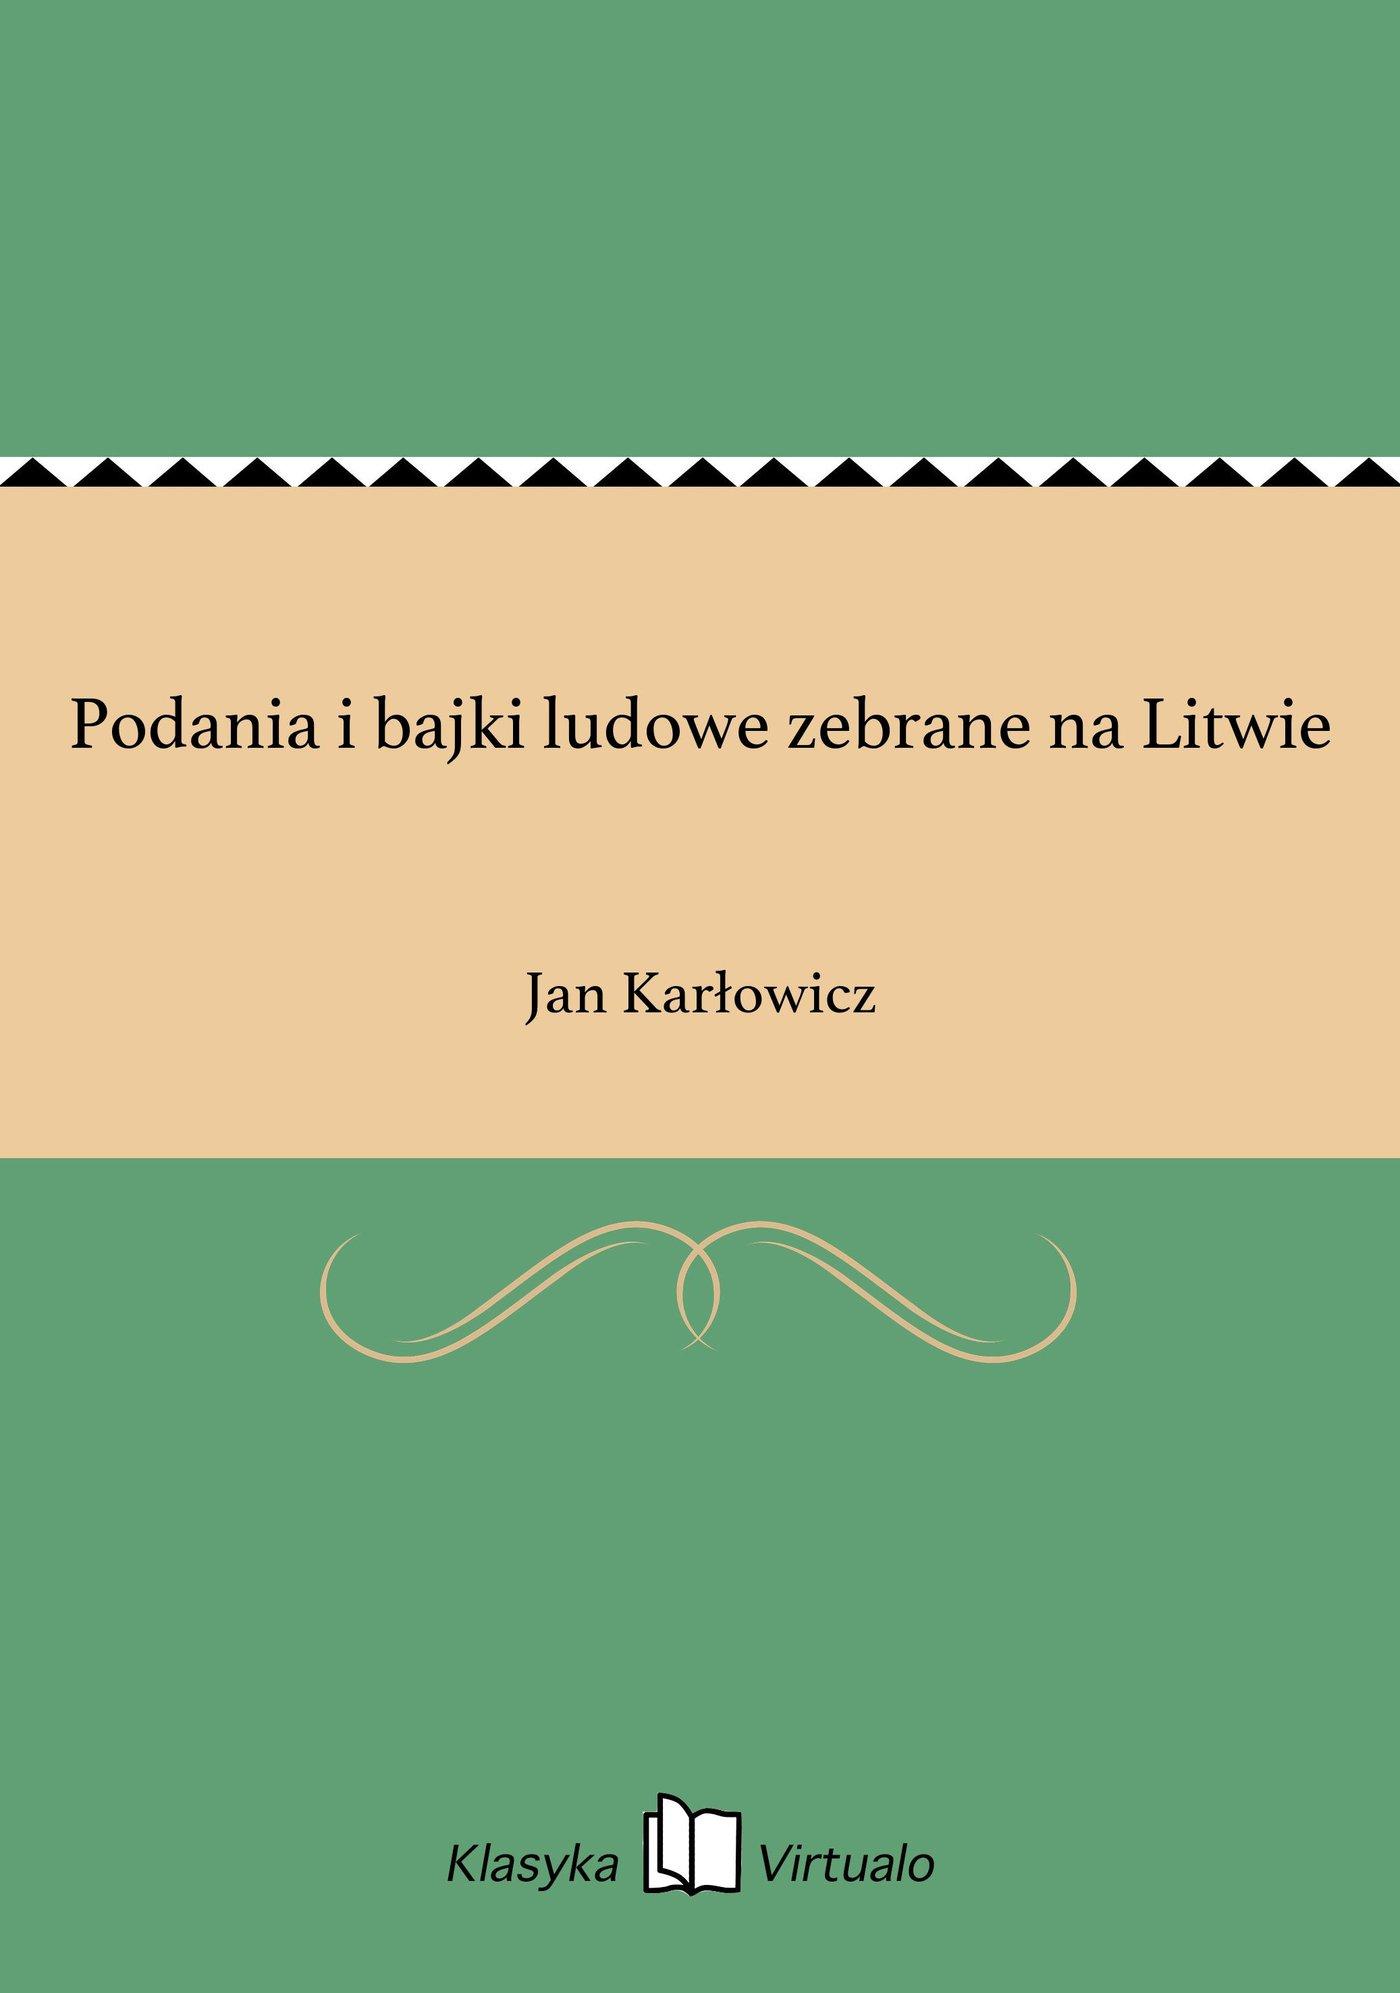 Podania i bajki ludowe zebrane na Litwie - Ebook (Książka EPUB) do pobrania w formacie EPUB